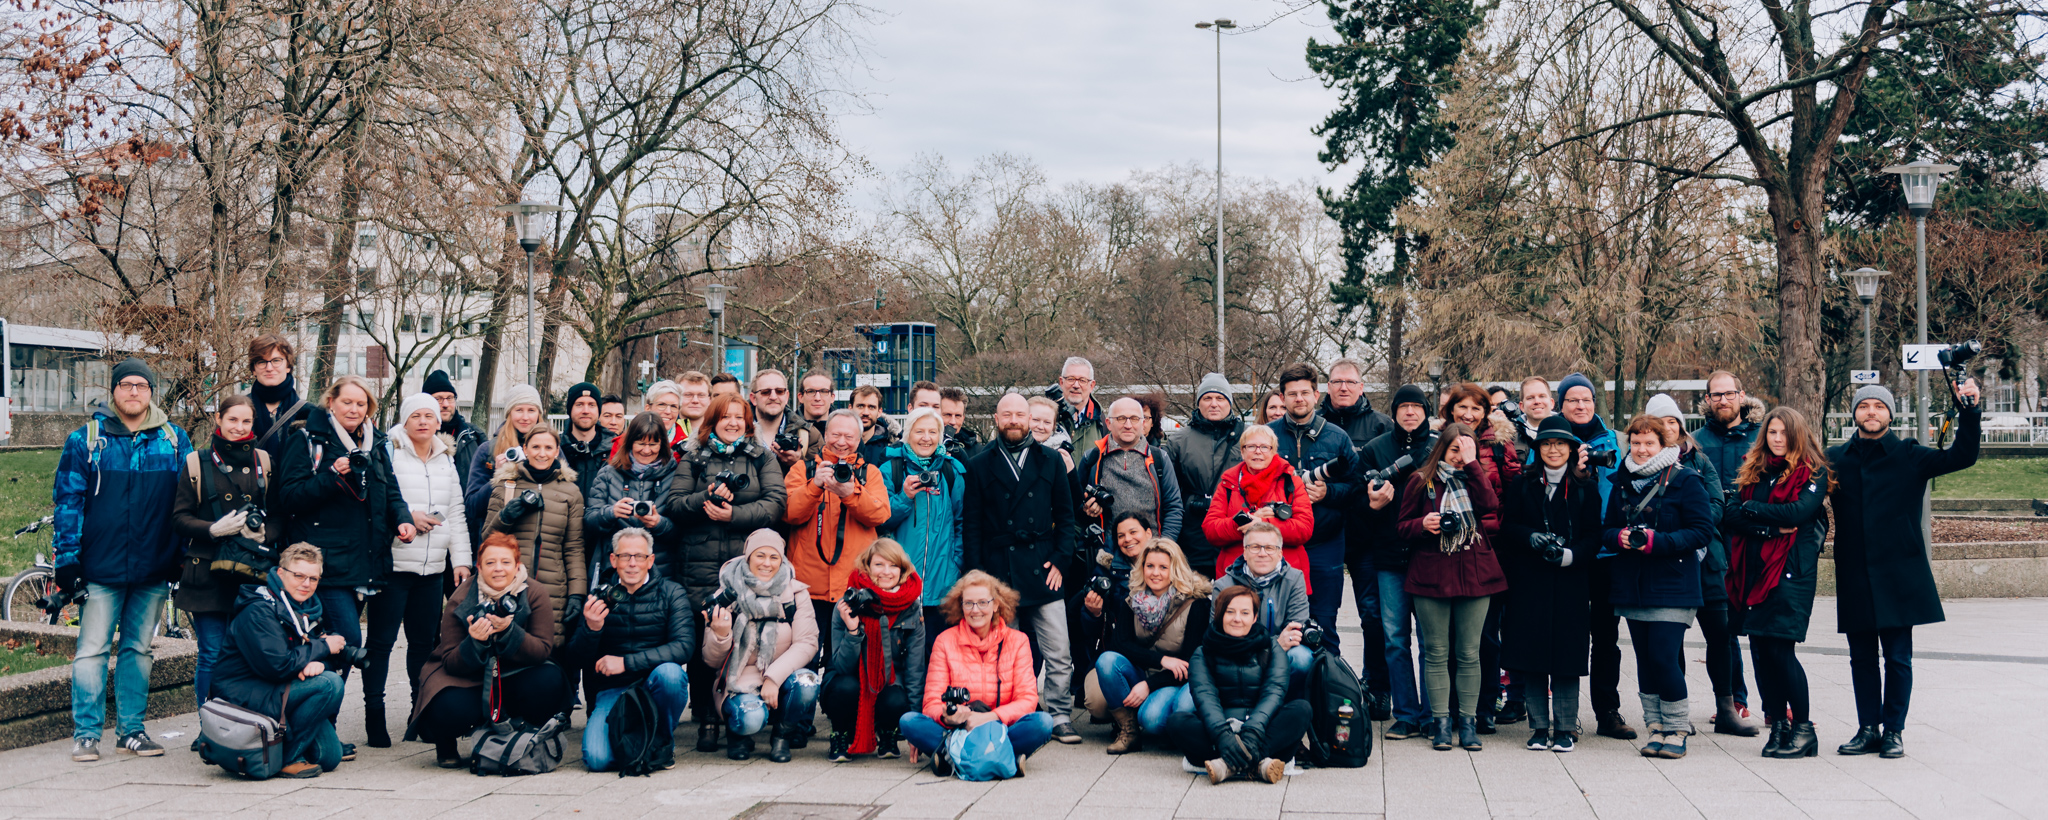 Photowalk Agnesviertel Köln 2018